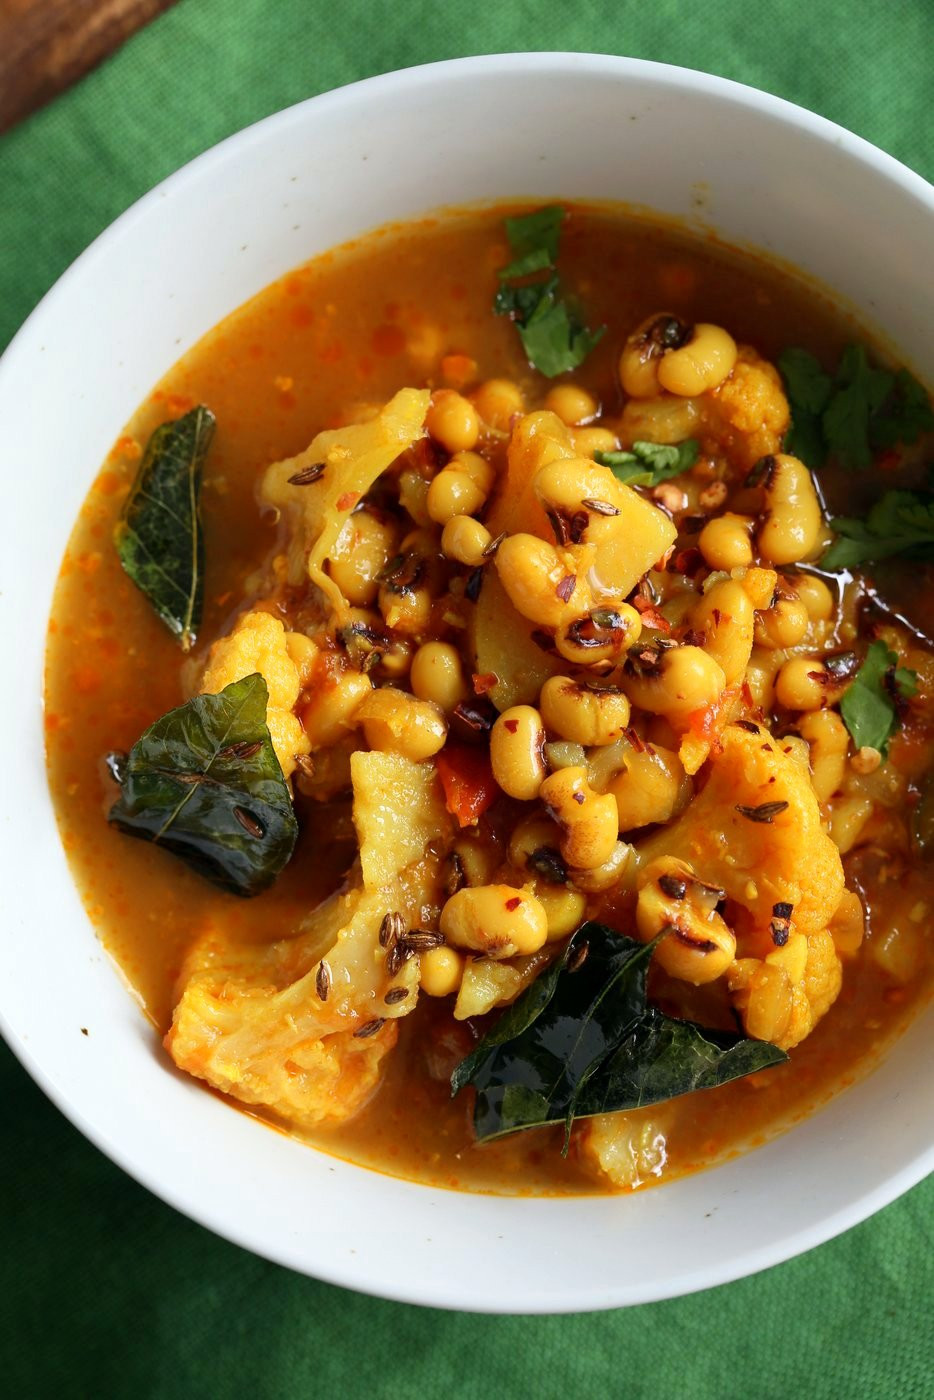 Vegan Instant Pot Recipes  20 Vegan Instant Pot Recipes Vegan Richa